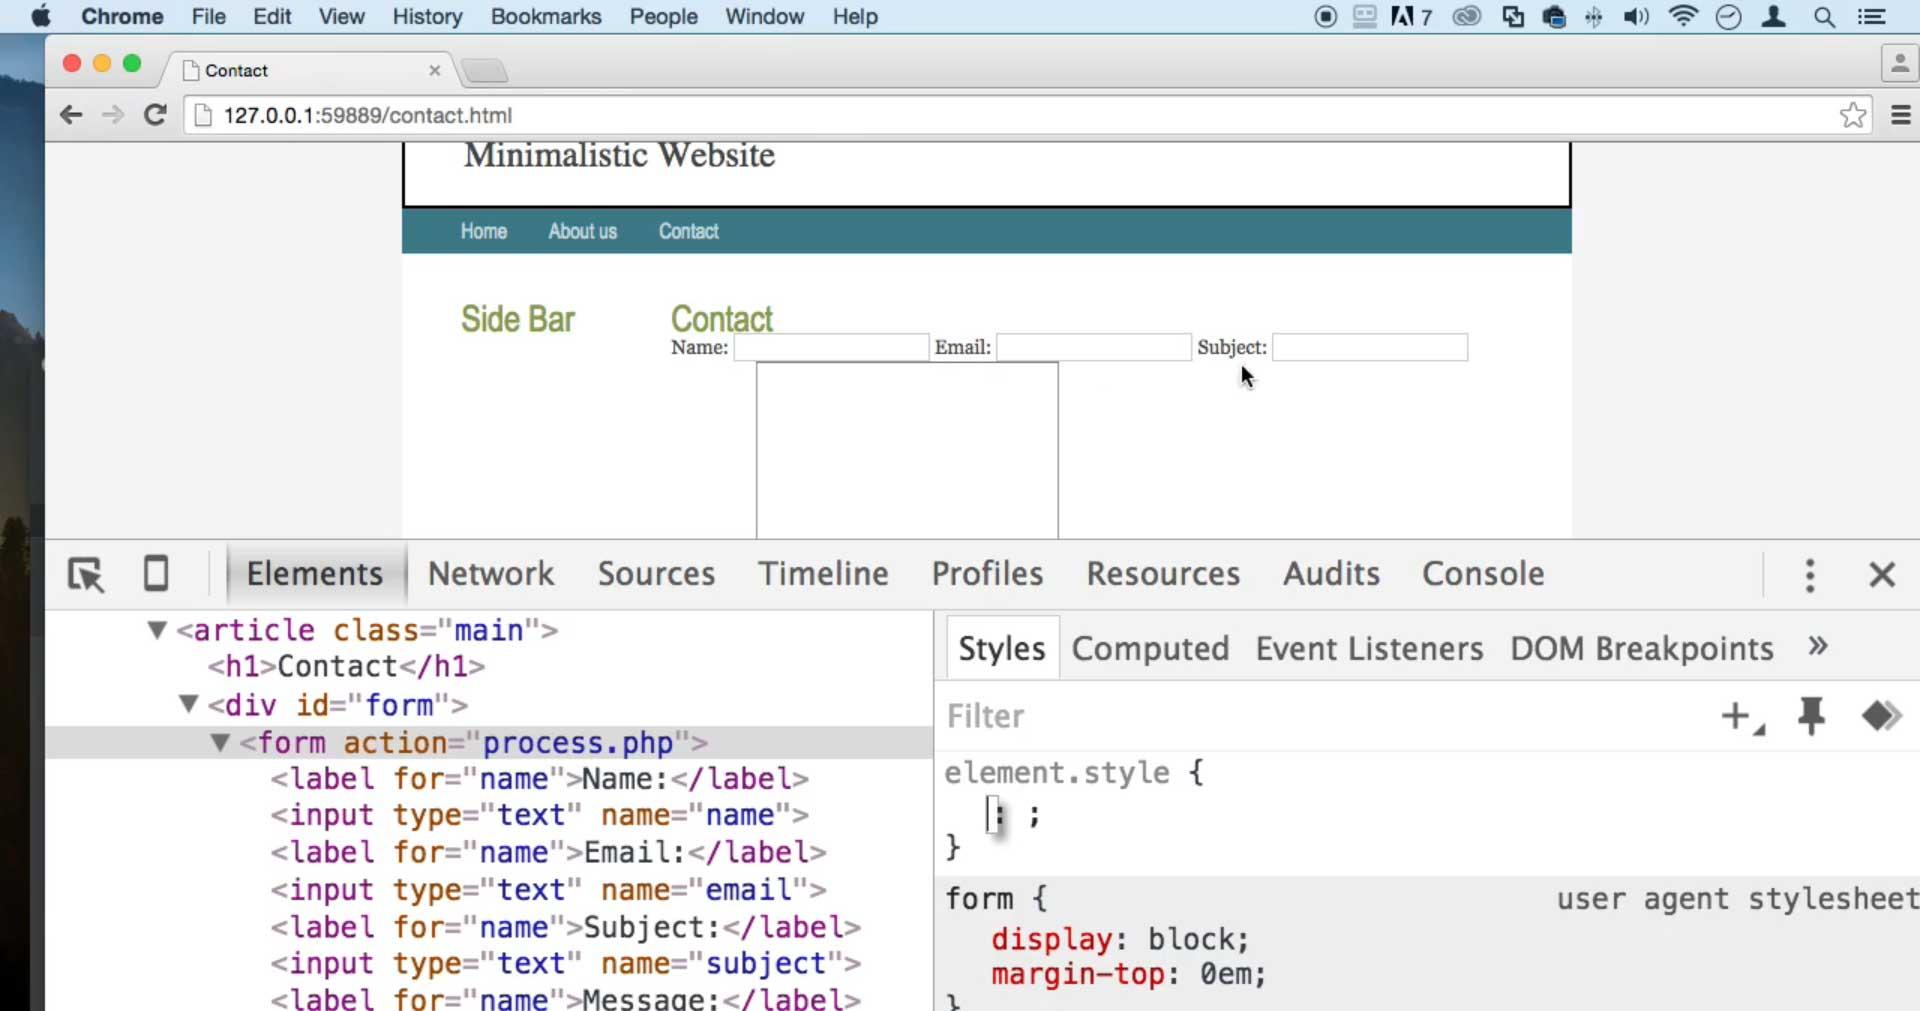 Kursus-Komputer-Privat-Membuat-Website-Dengan-HTML5-Dan-CSS3-Serta-MengOnlinekannya-06